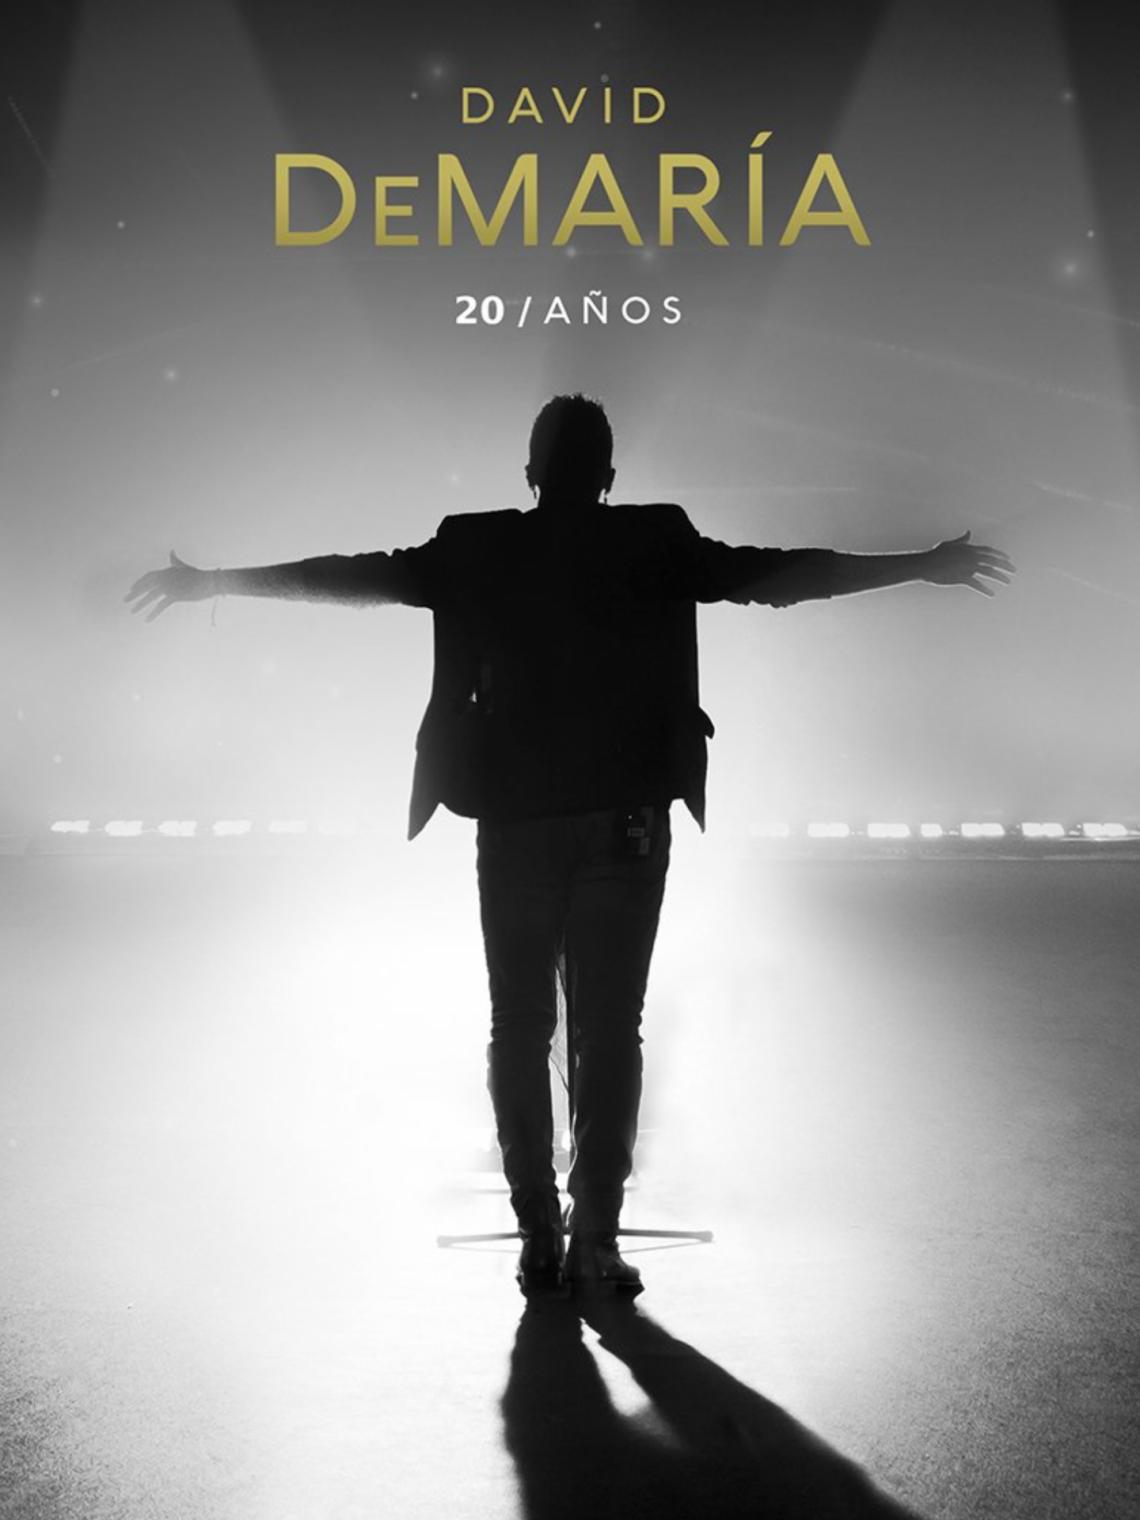 Ya está a la venta el disco más especial de David DeMaría, en el que celebra sus 20 años en la música